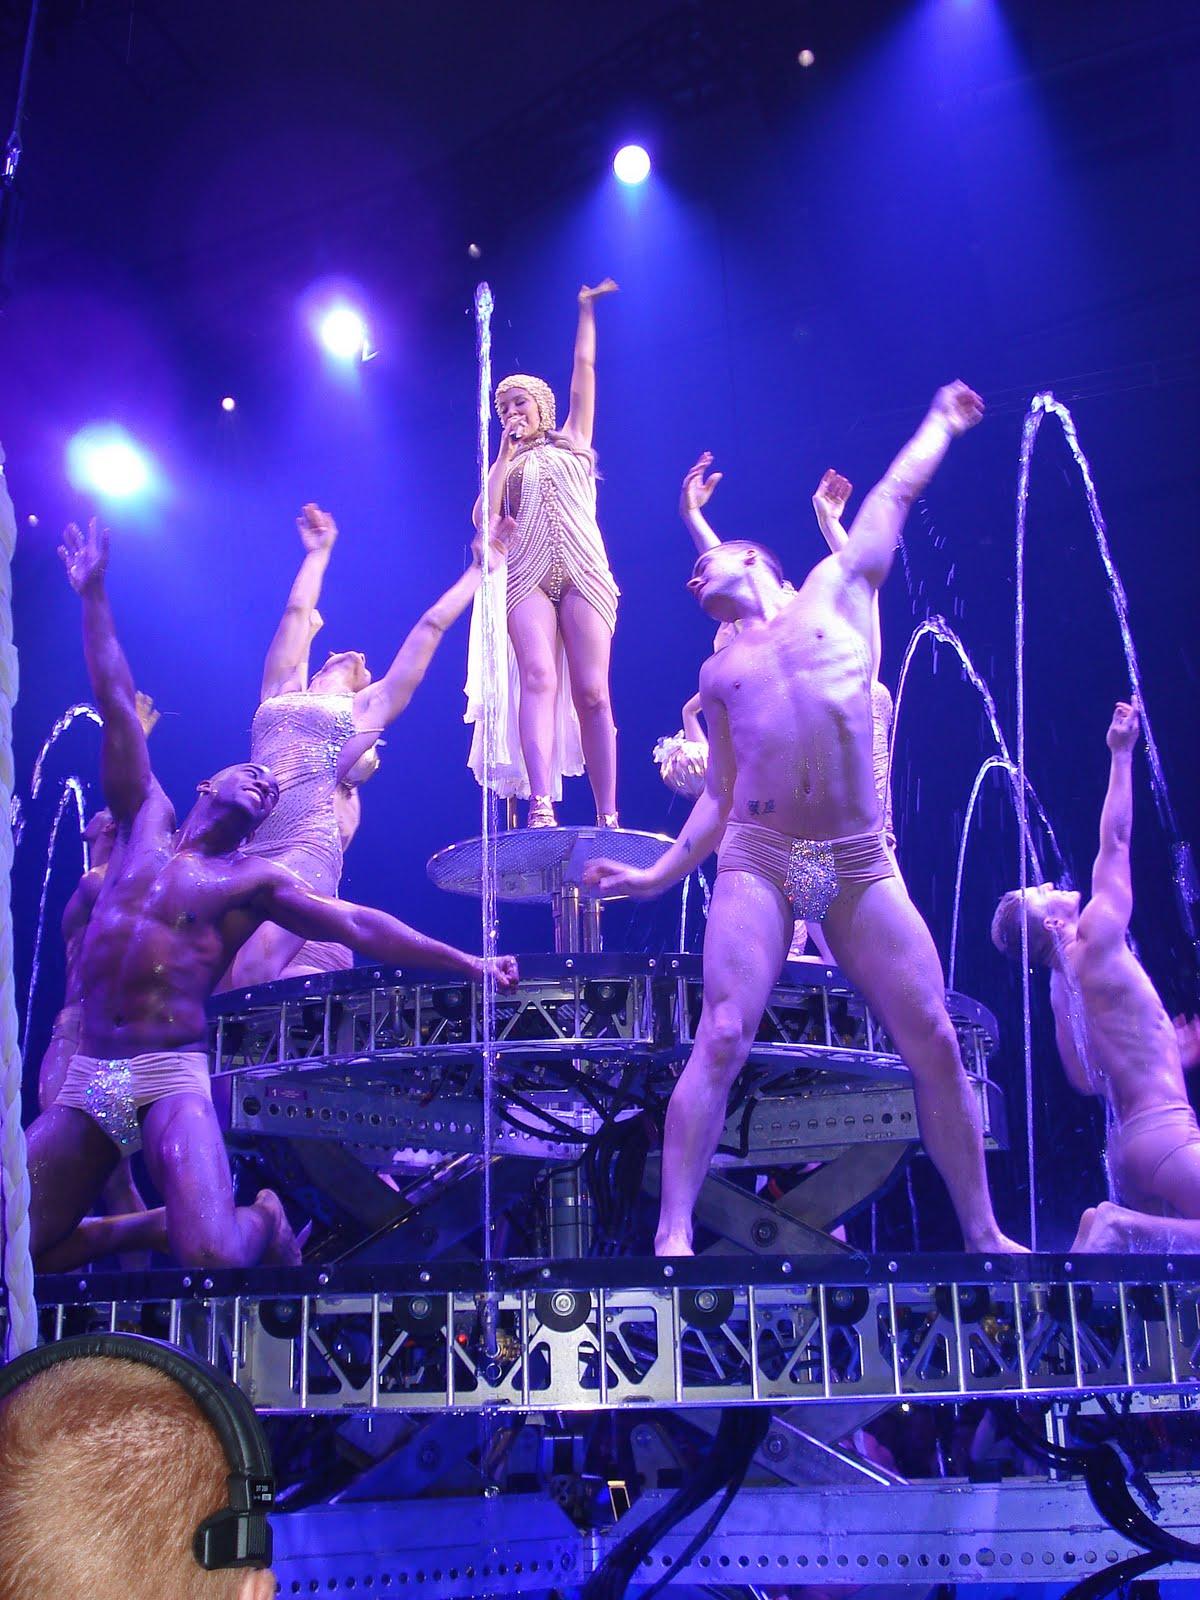 http://1.bp.blogspot.com/-xWhqWUWfIzo/TafzouQprhI/AAAAAAAAAJY/_CKALvrXeA8/s1600/Kylie-Aphrodite6.JPG